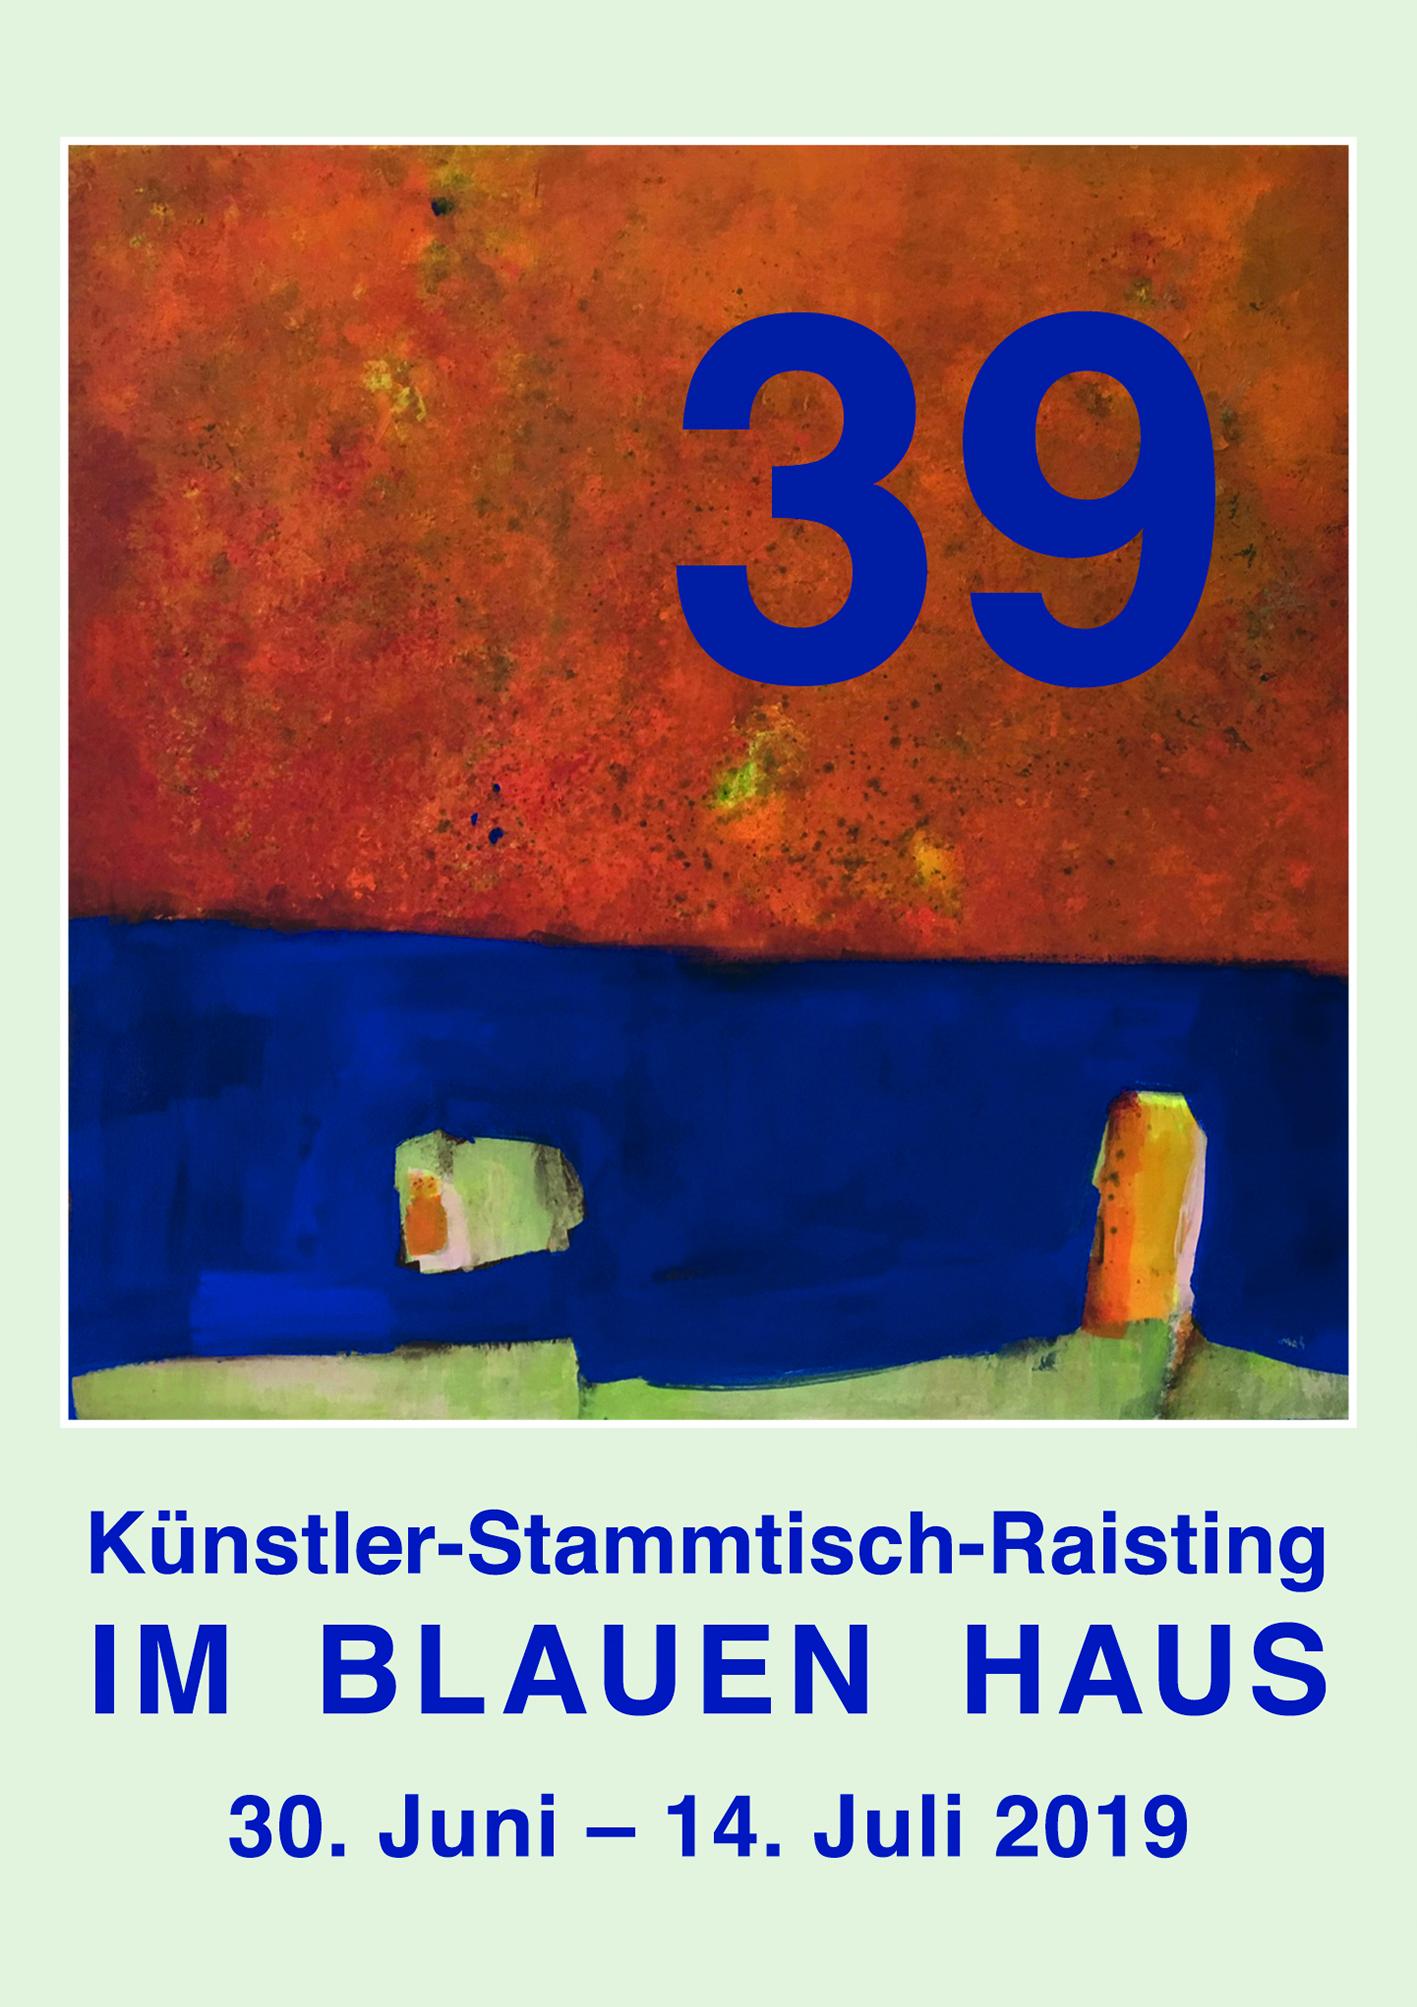 39 Im Blauen Haus - 2019, Dießen, Germany